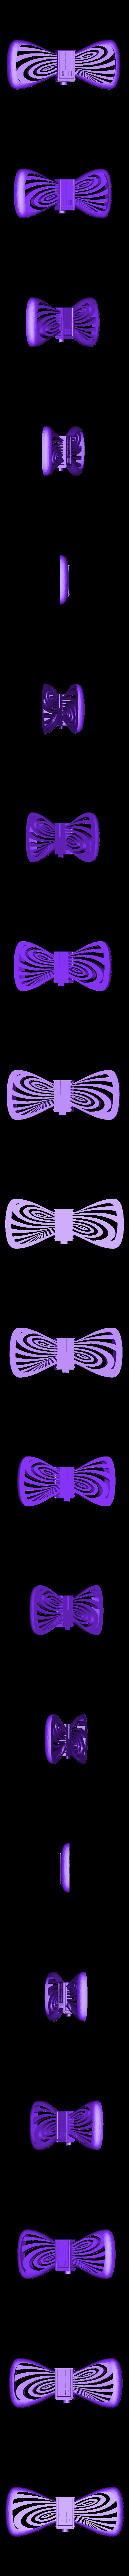 tardis_bowtie_tardis_drwho_bowtie.stl Télécharger fichier STL gratuit Noeud papillon avec bouton du Tardis • Modèle pour impression 3D, Chanrasp